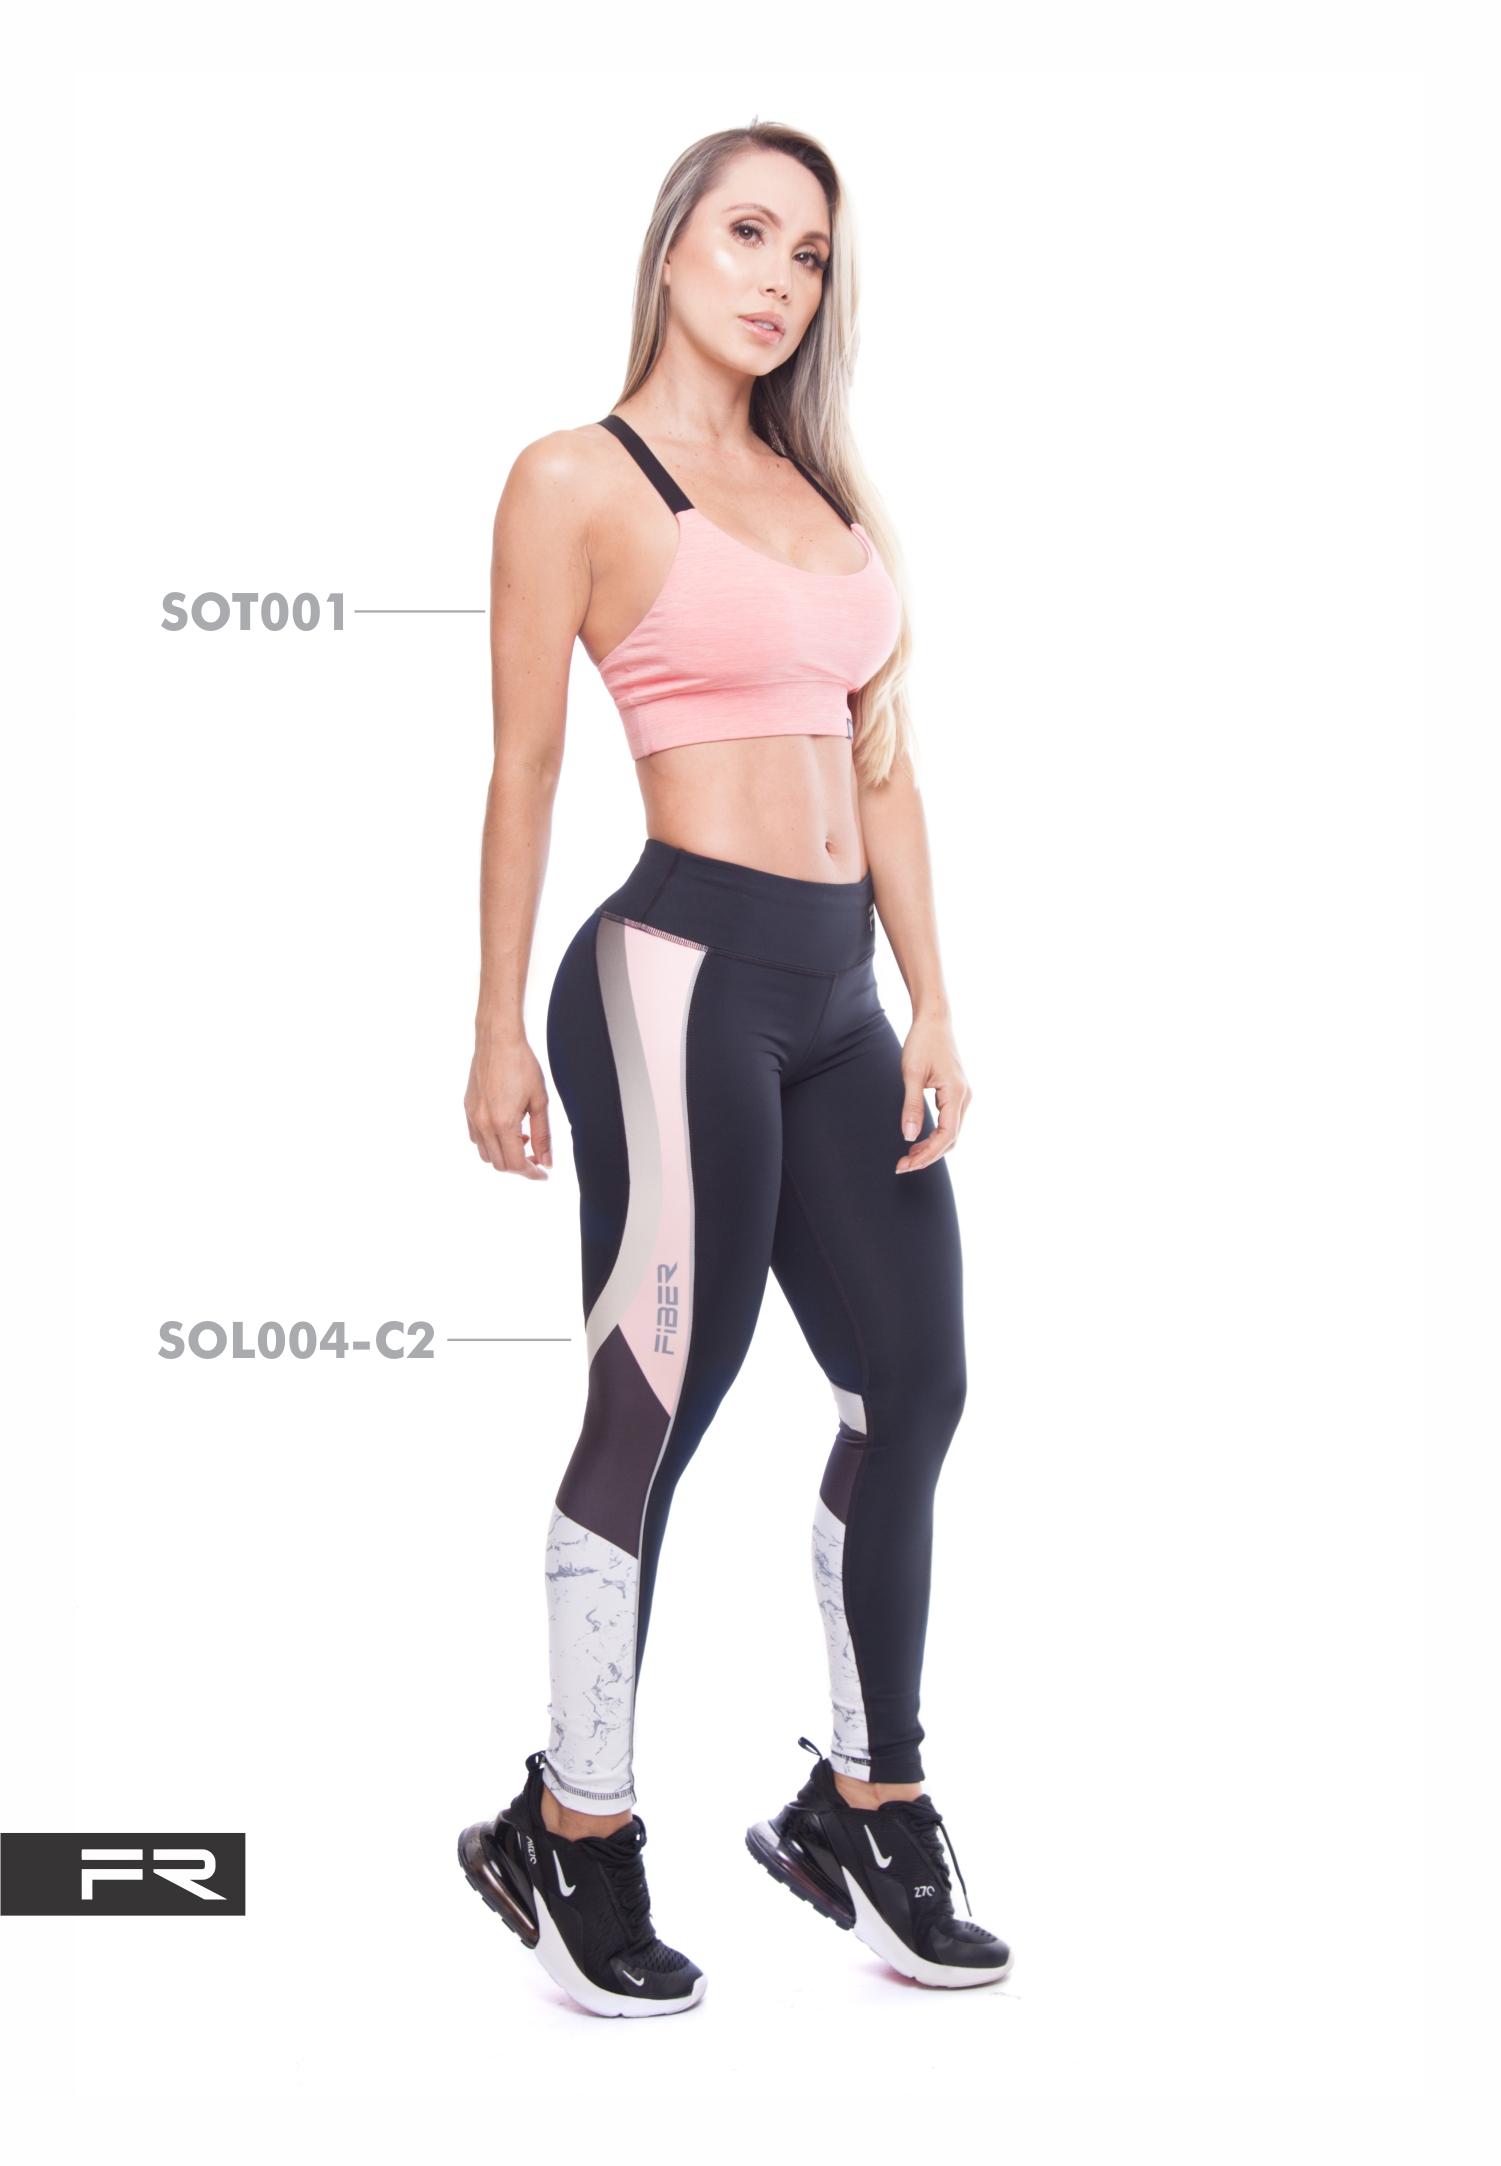 Ropa deportiva para atletas de alto rendimiento mexico fiber mexico jpg  1501x2166 Leggins ropa deportiva al b6aa1ebbdcc10